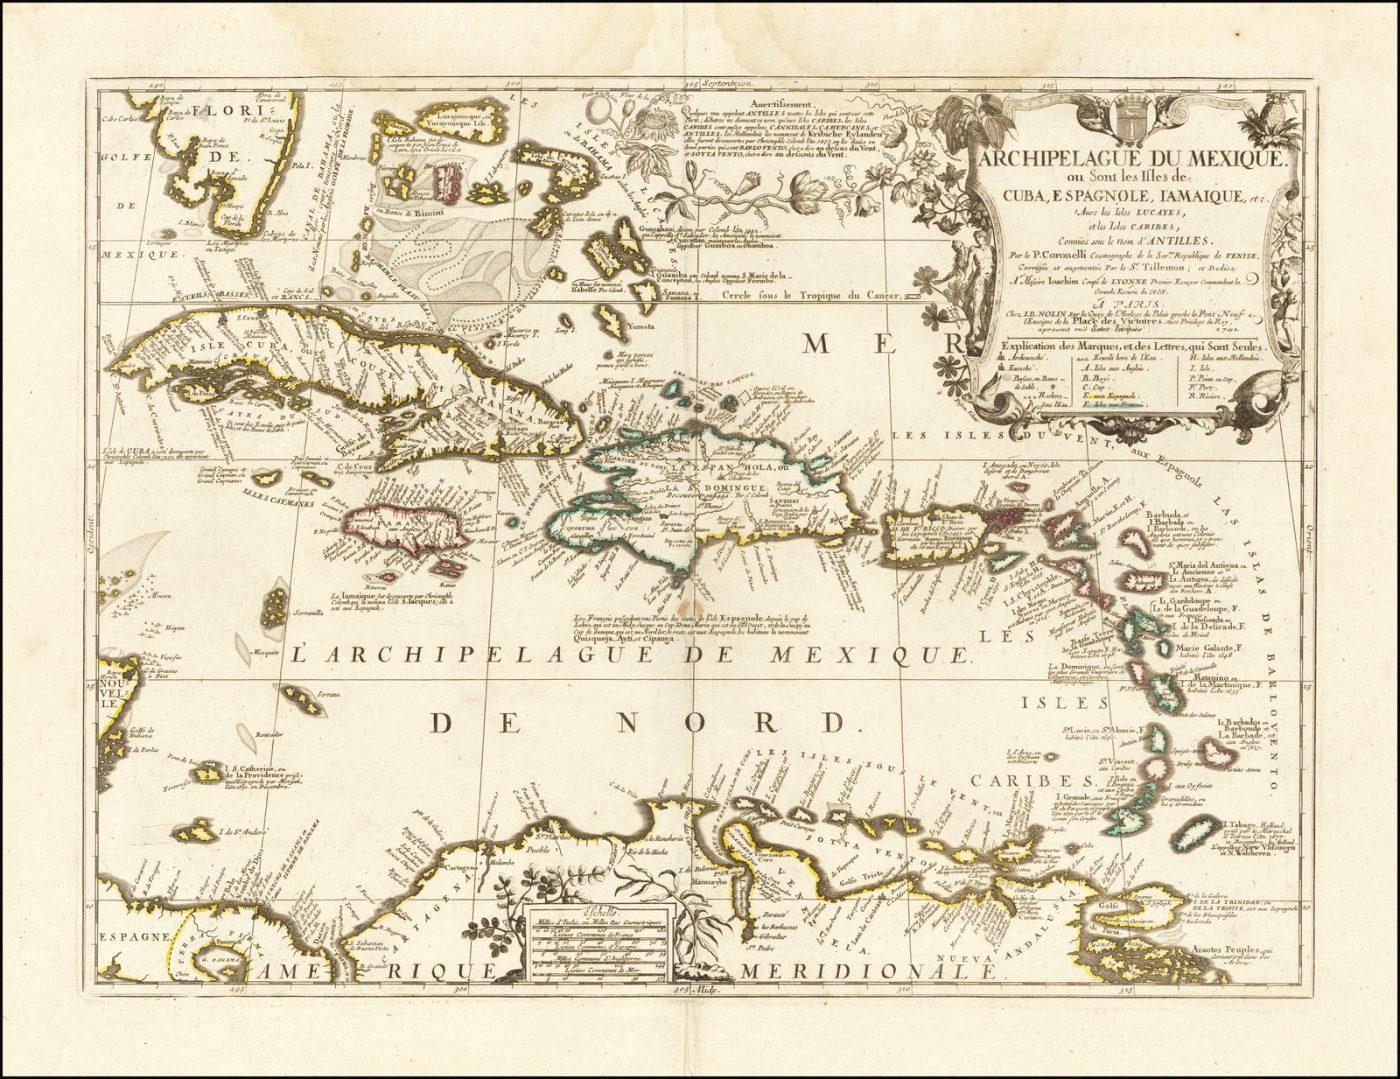 Хороший пример заключительного издания карты Карибского бассейна Нолин-Коронелли